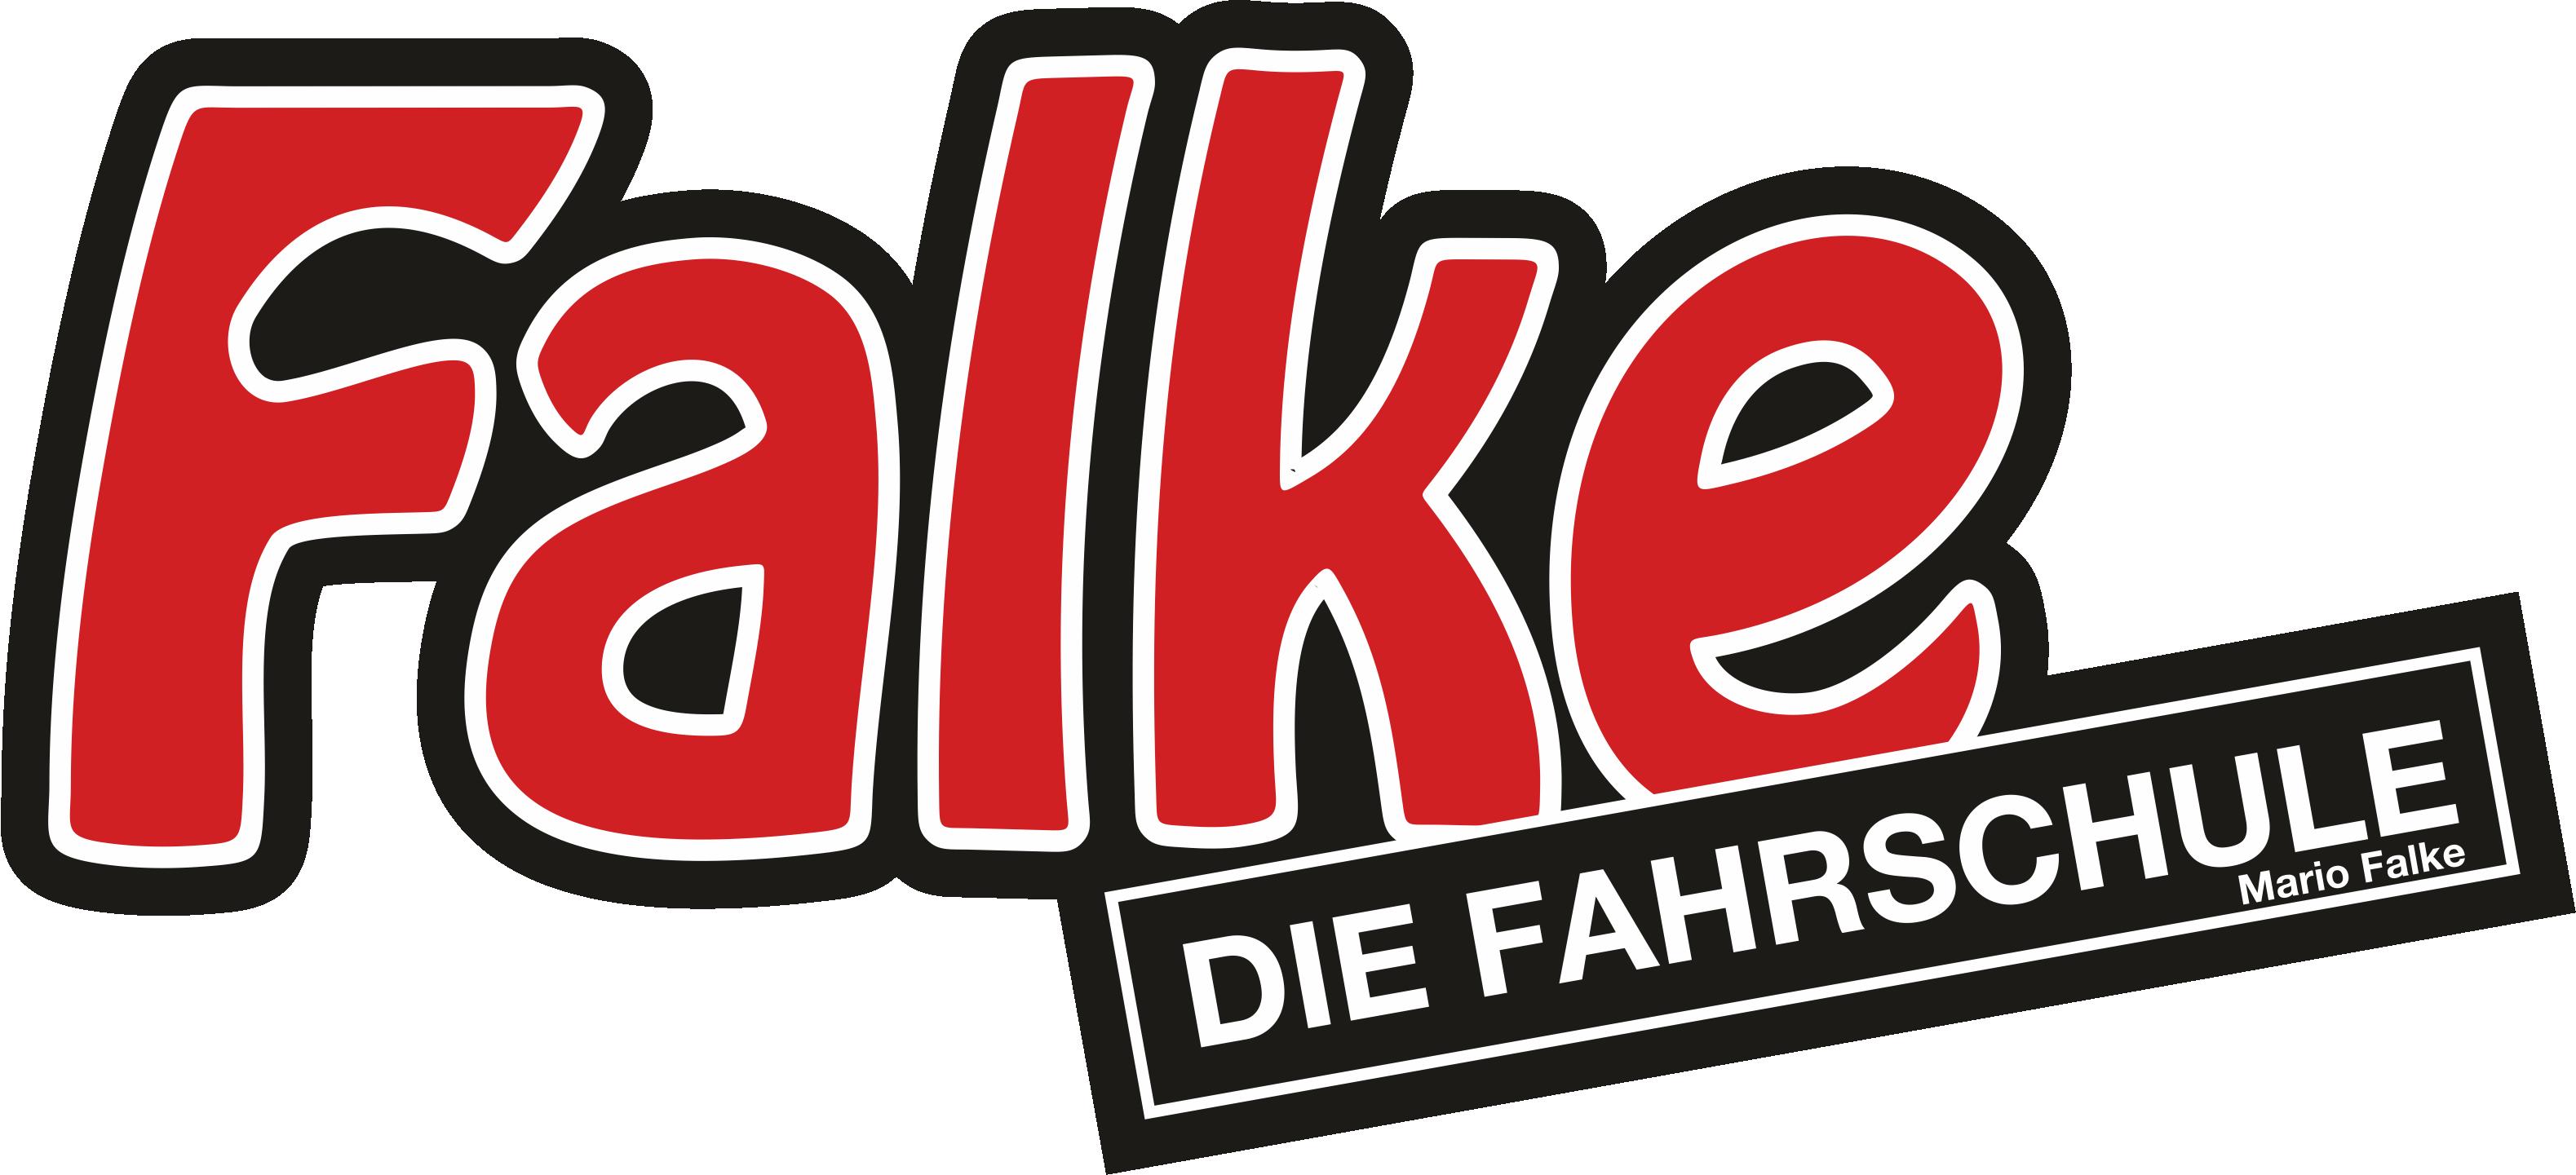 Fahrschule Falke